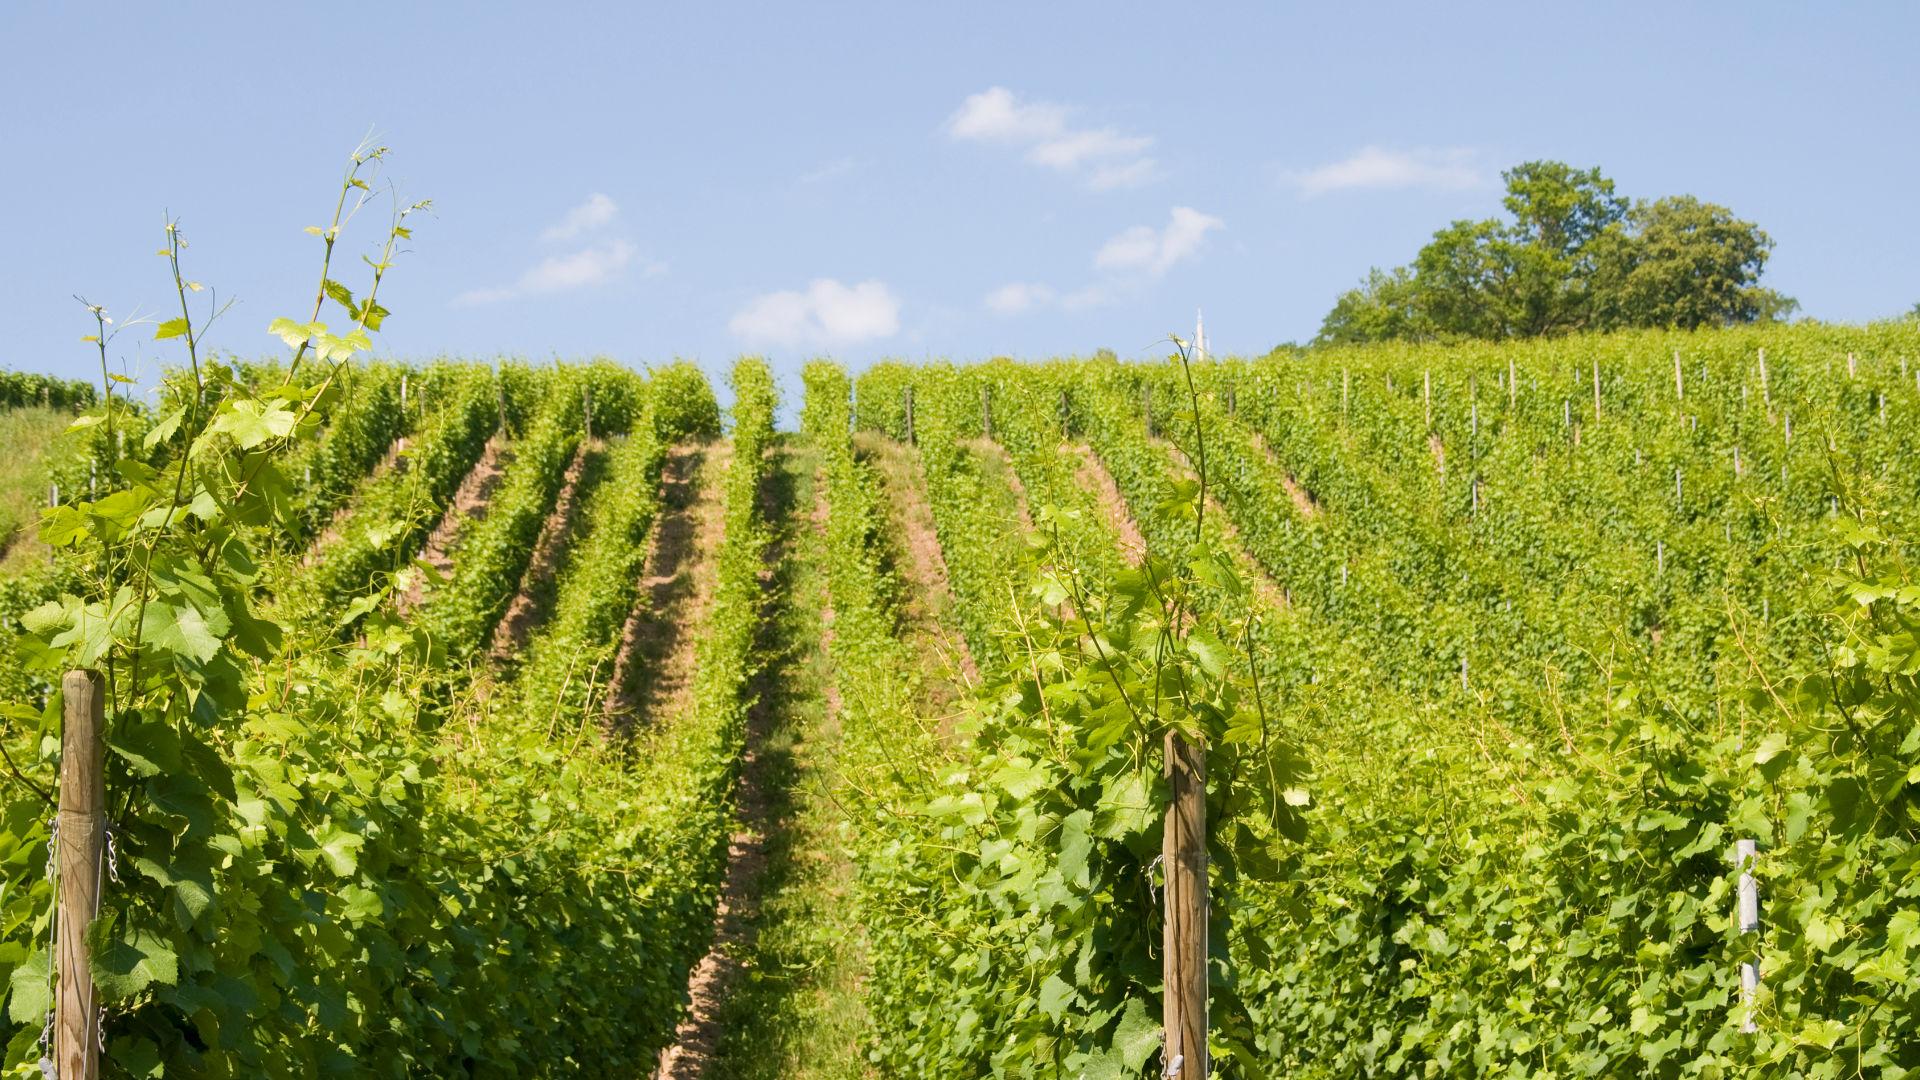 Blick auf Weinreben in Meersburg am Bodensee